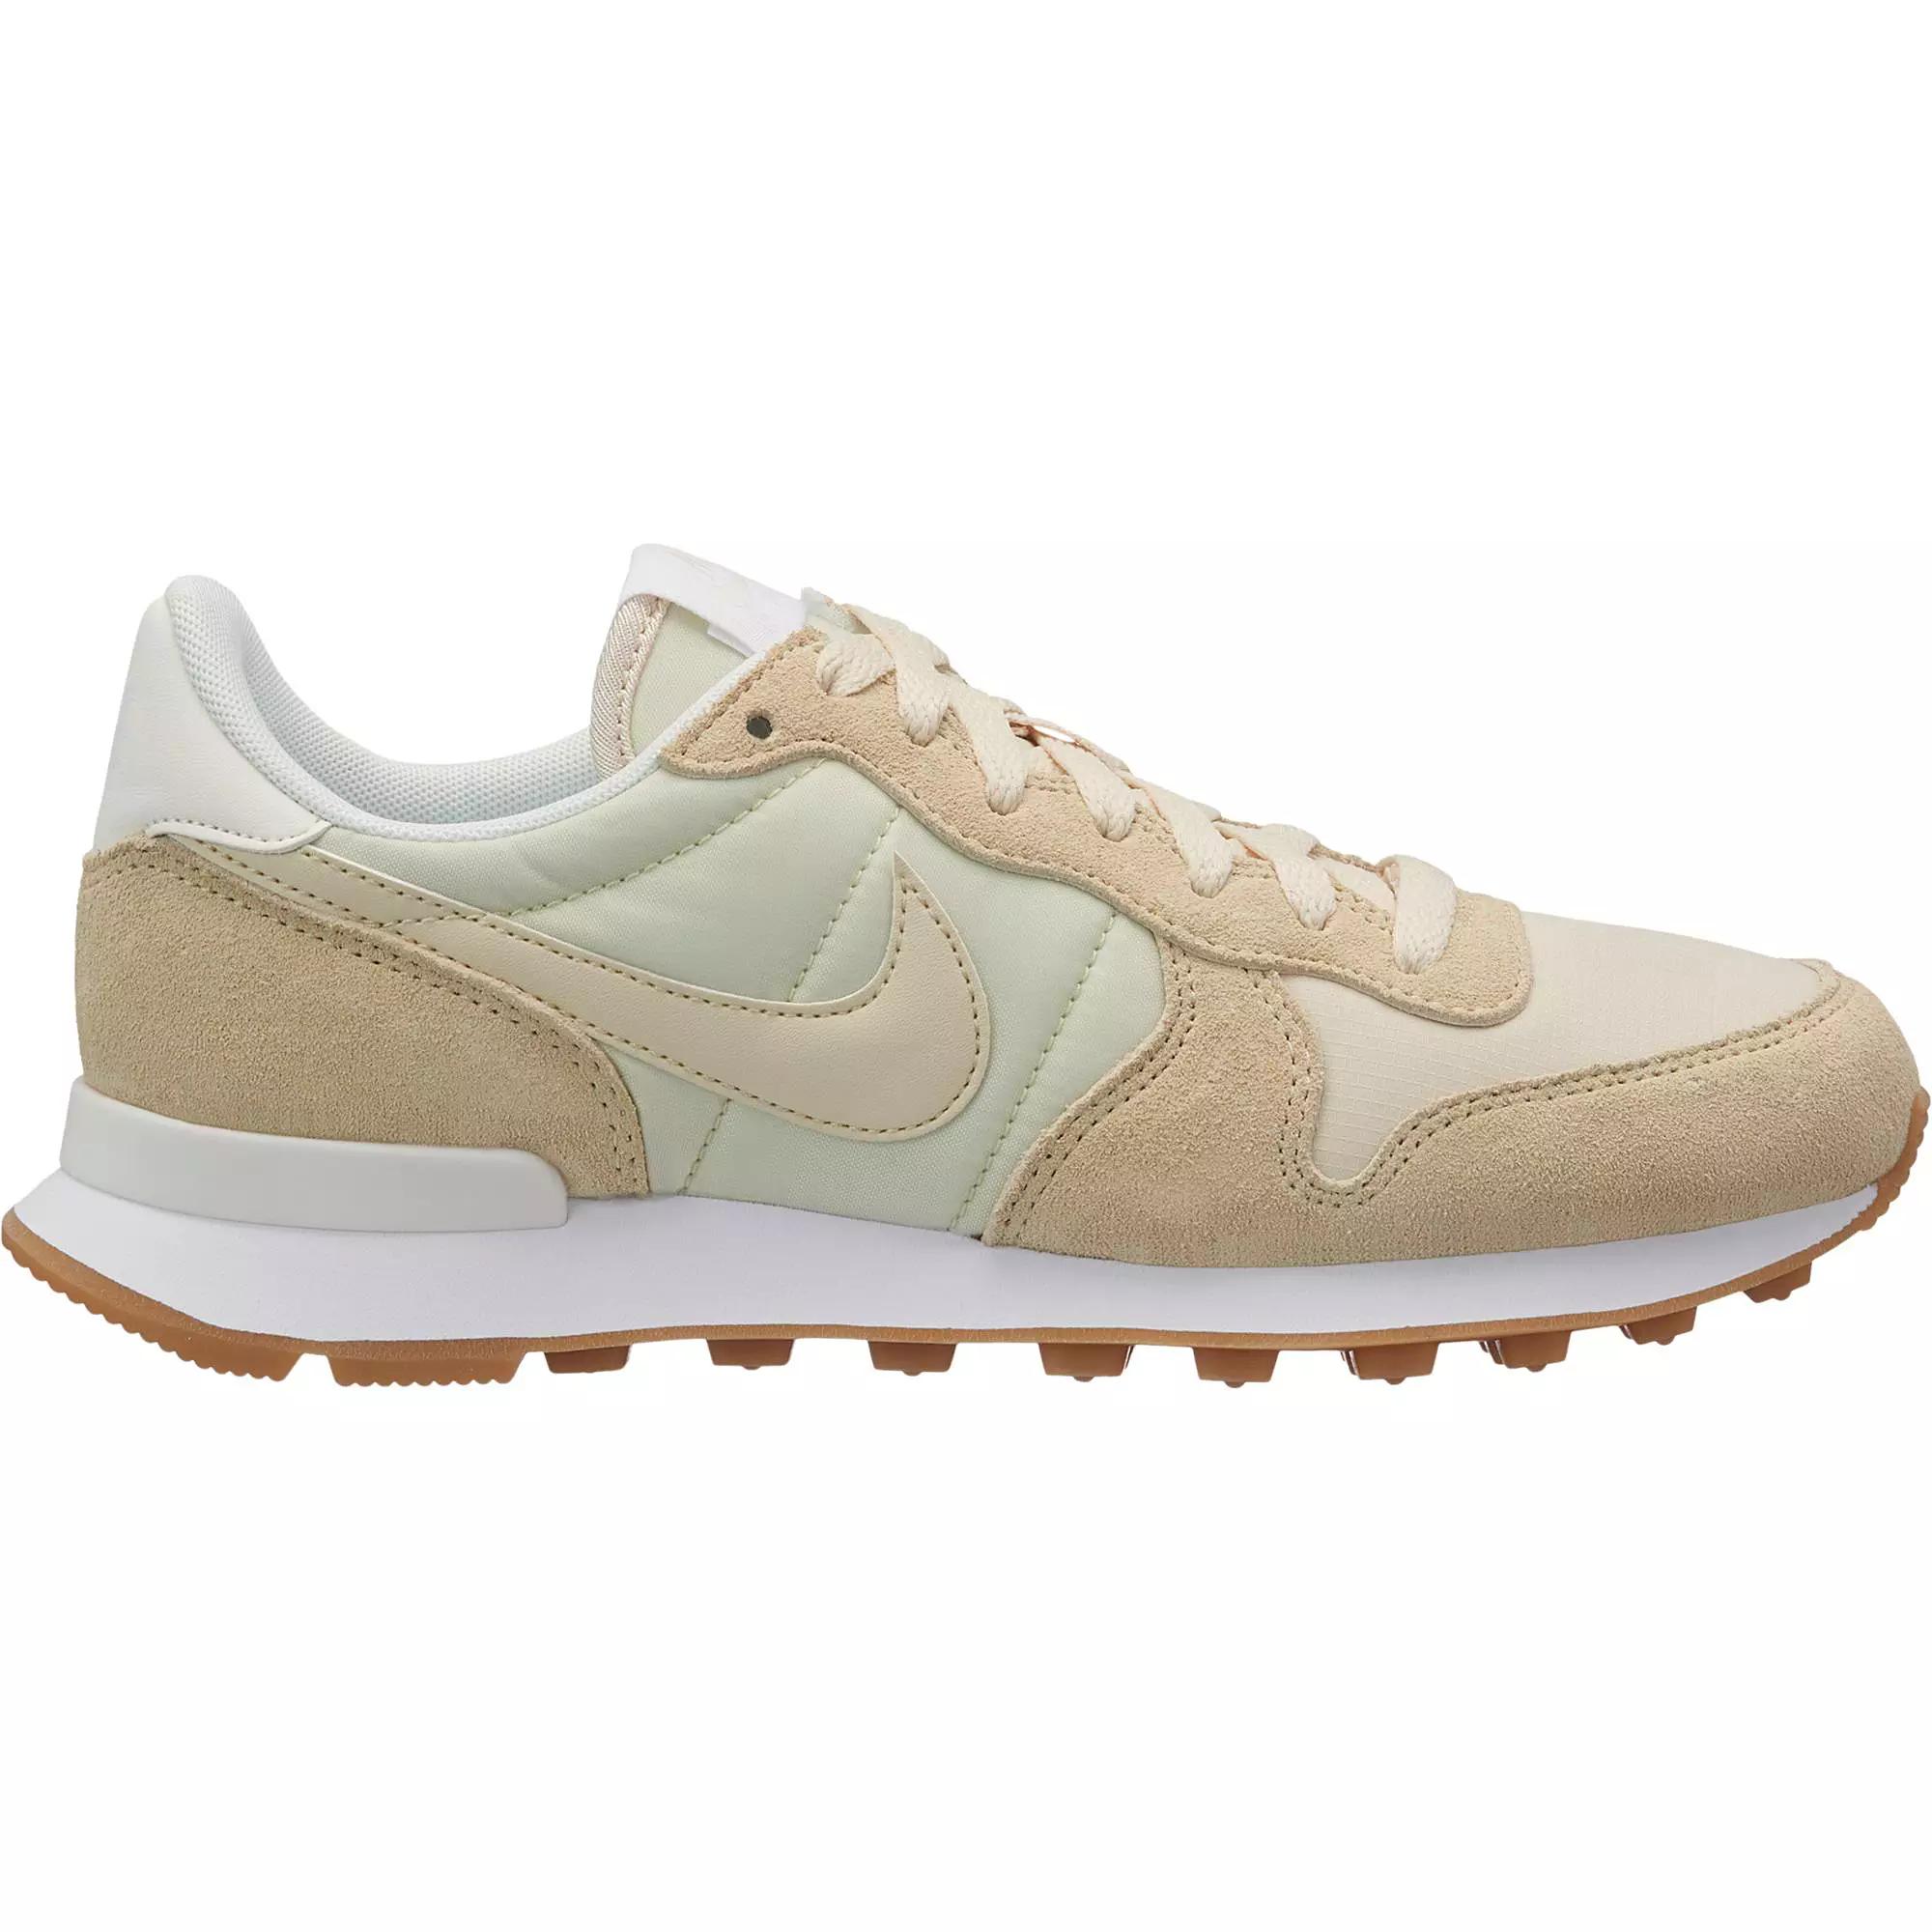 15% extra Rabatt auf ausgewählte Schuhe bei SportScheck (Sale inkl.), z.B. Nike Internationalist für Damen